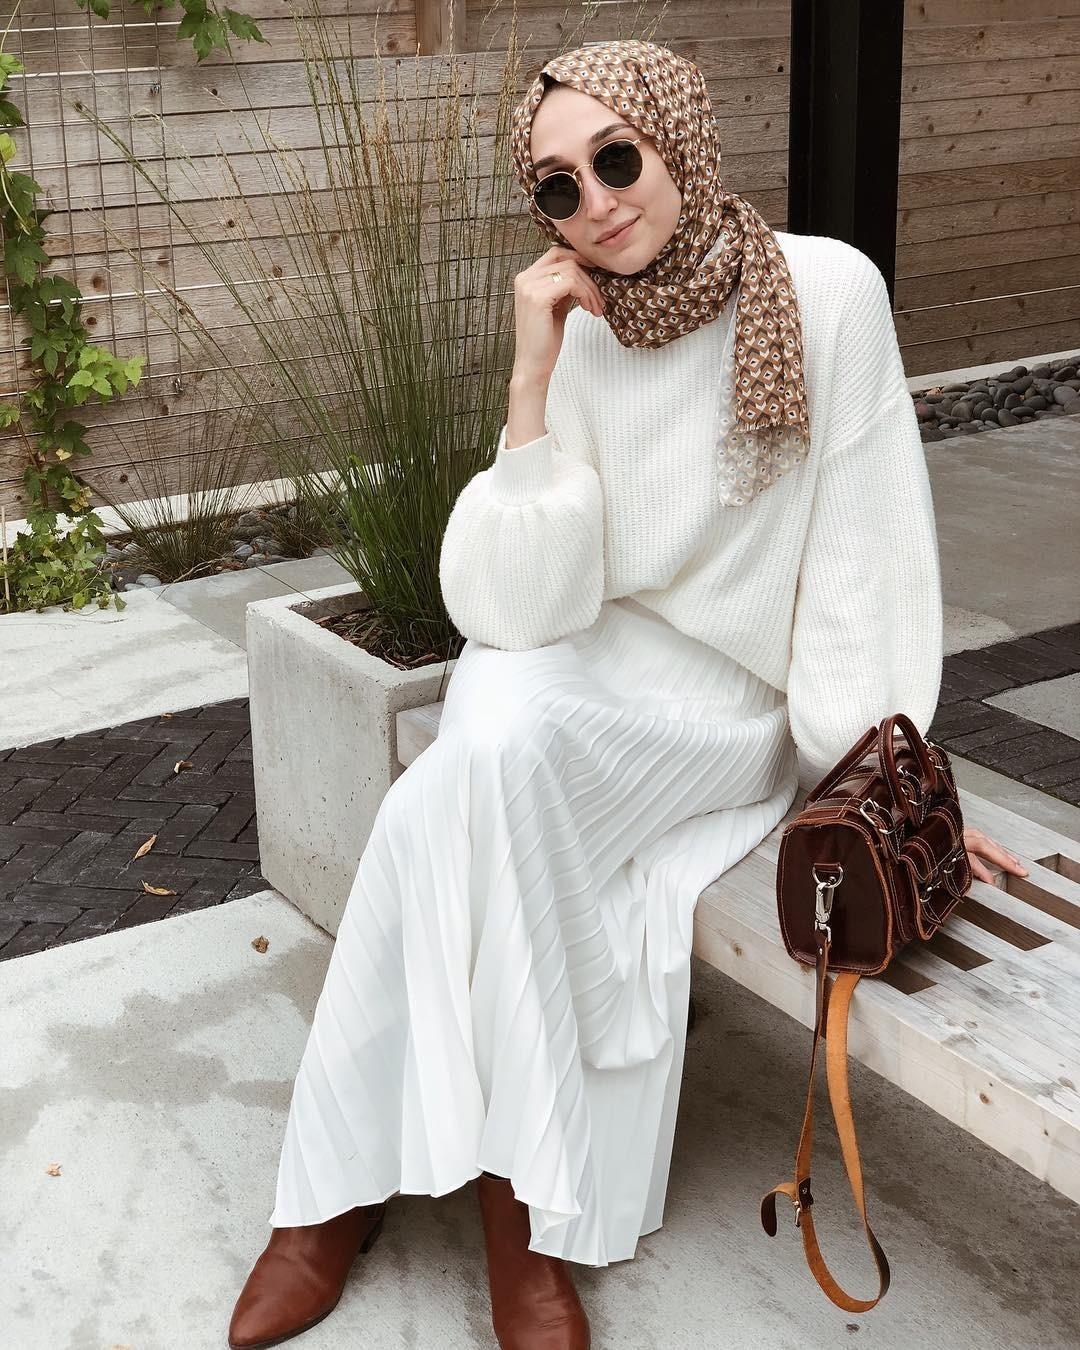 Одежда вдухе modest fashion предназначена также длядевушек иженщин, предпочитающих более закрытые иблагопристойные наряды, независимо отвероисповедания. Дизайнеры непытаются навязат...